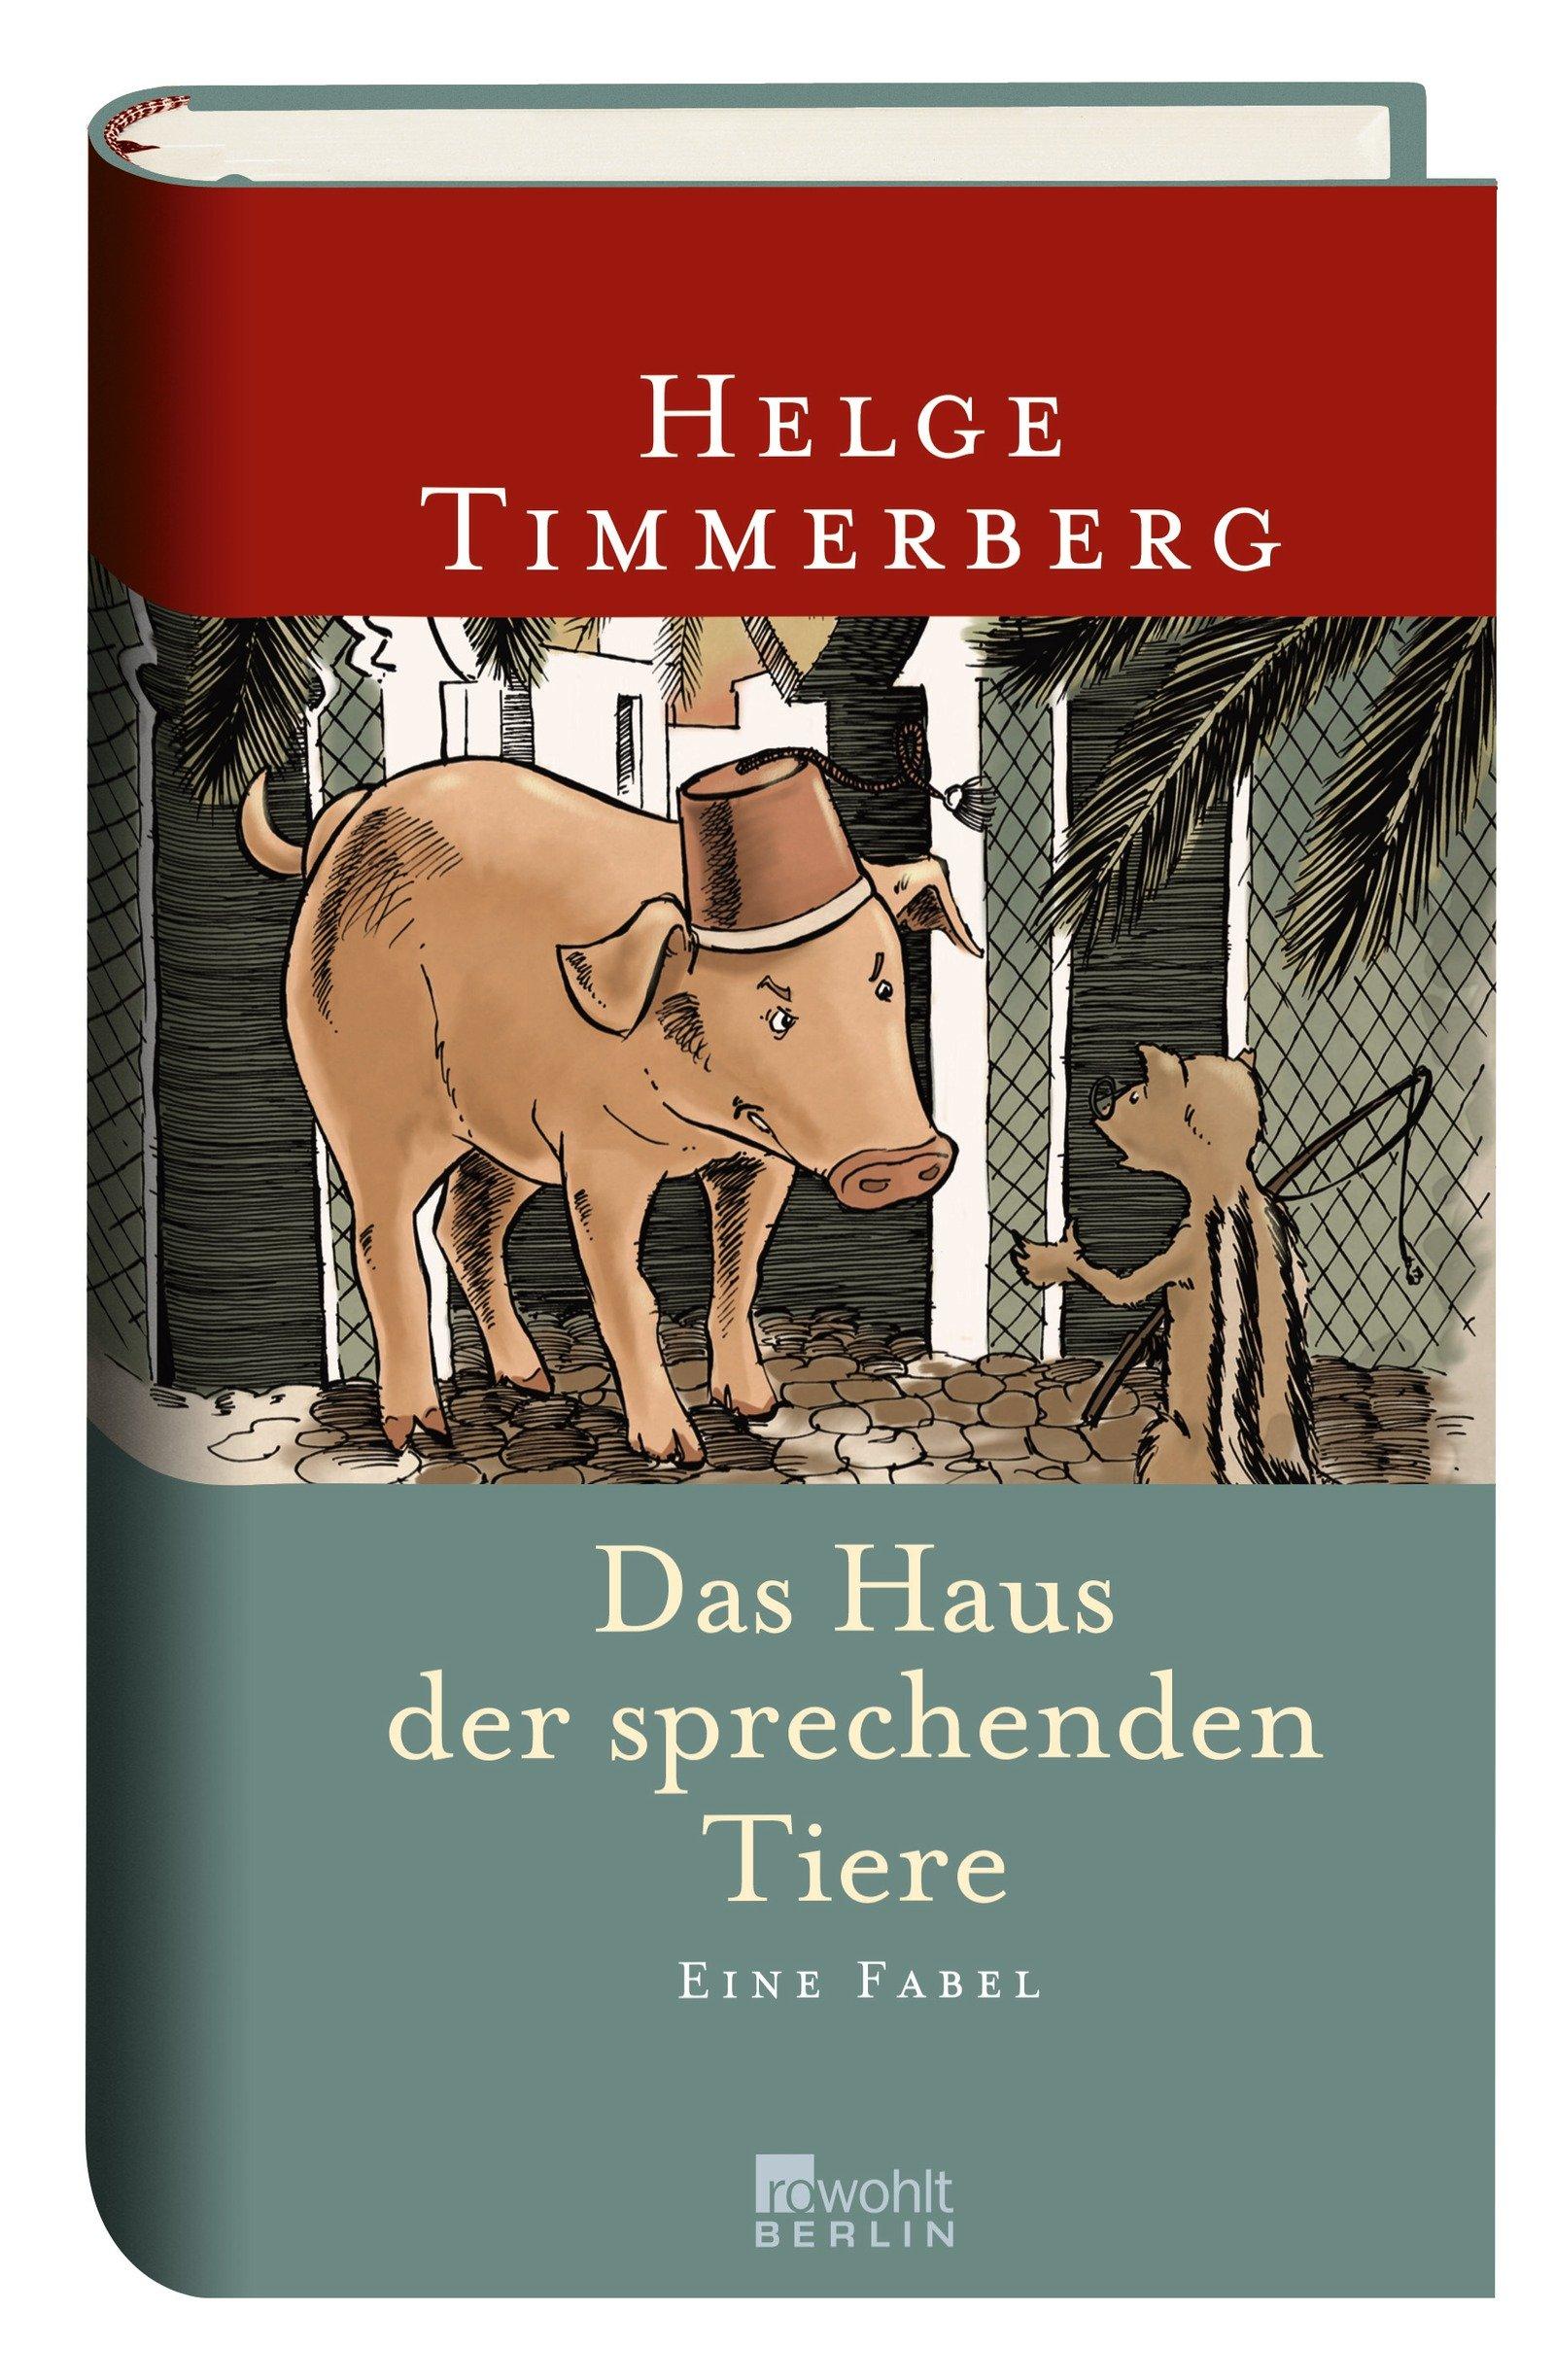 Das Haus der sprechenden Tiere: Eine Fabel (German Edition)